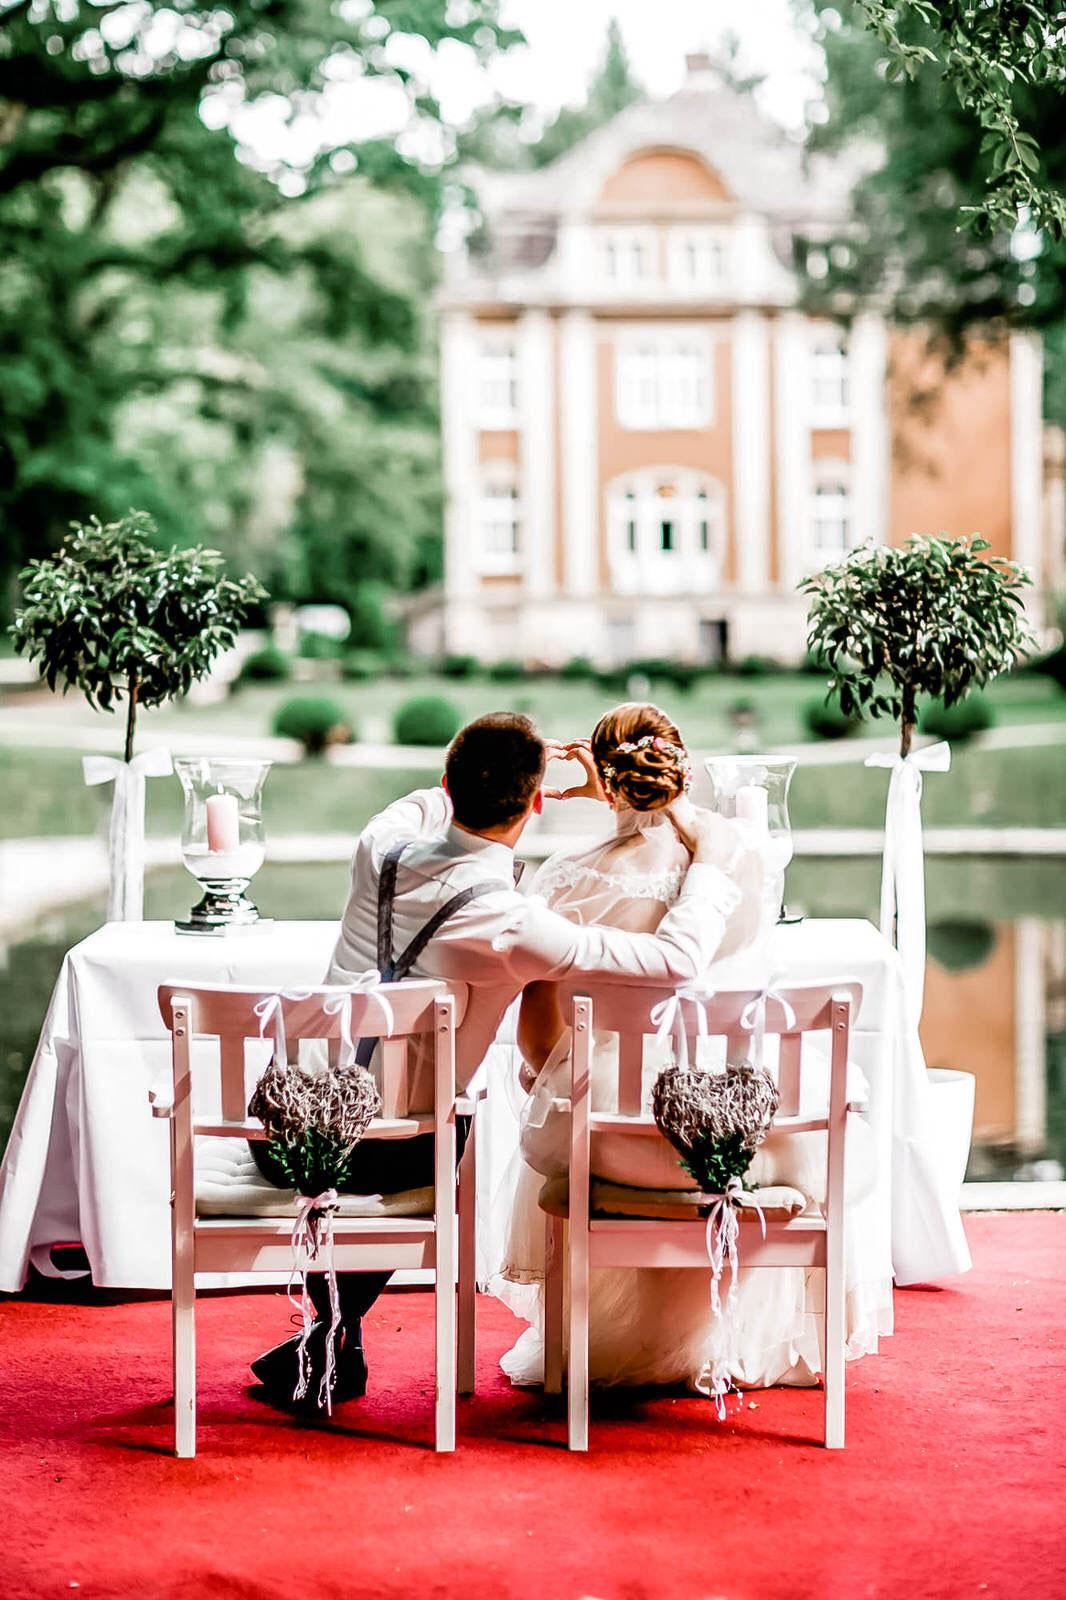 Hochzeit, Schloß Eldingen,Celle, Hochzeitsfotografien Birgit Fechner,FOTOFECHNER,Hochzeitsfotograf Lüneburg